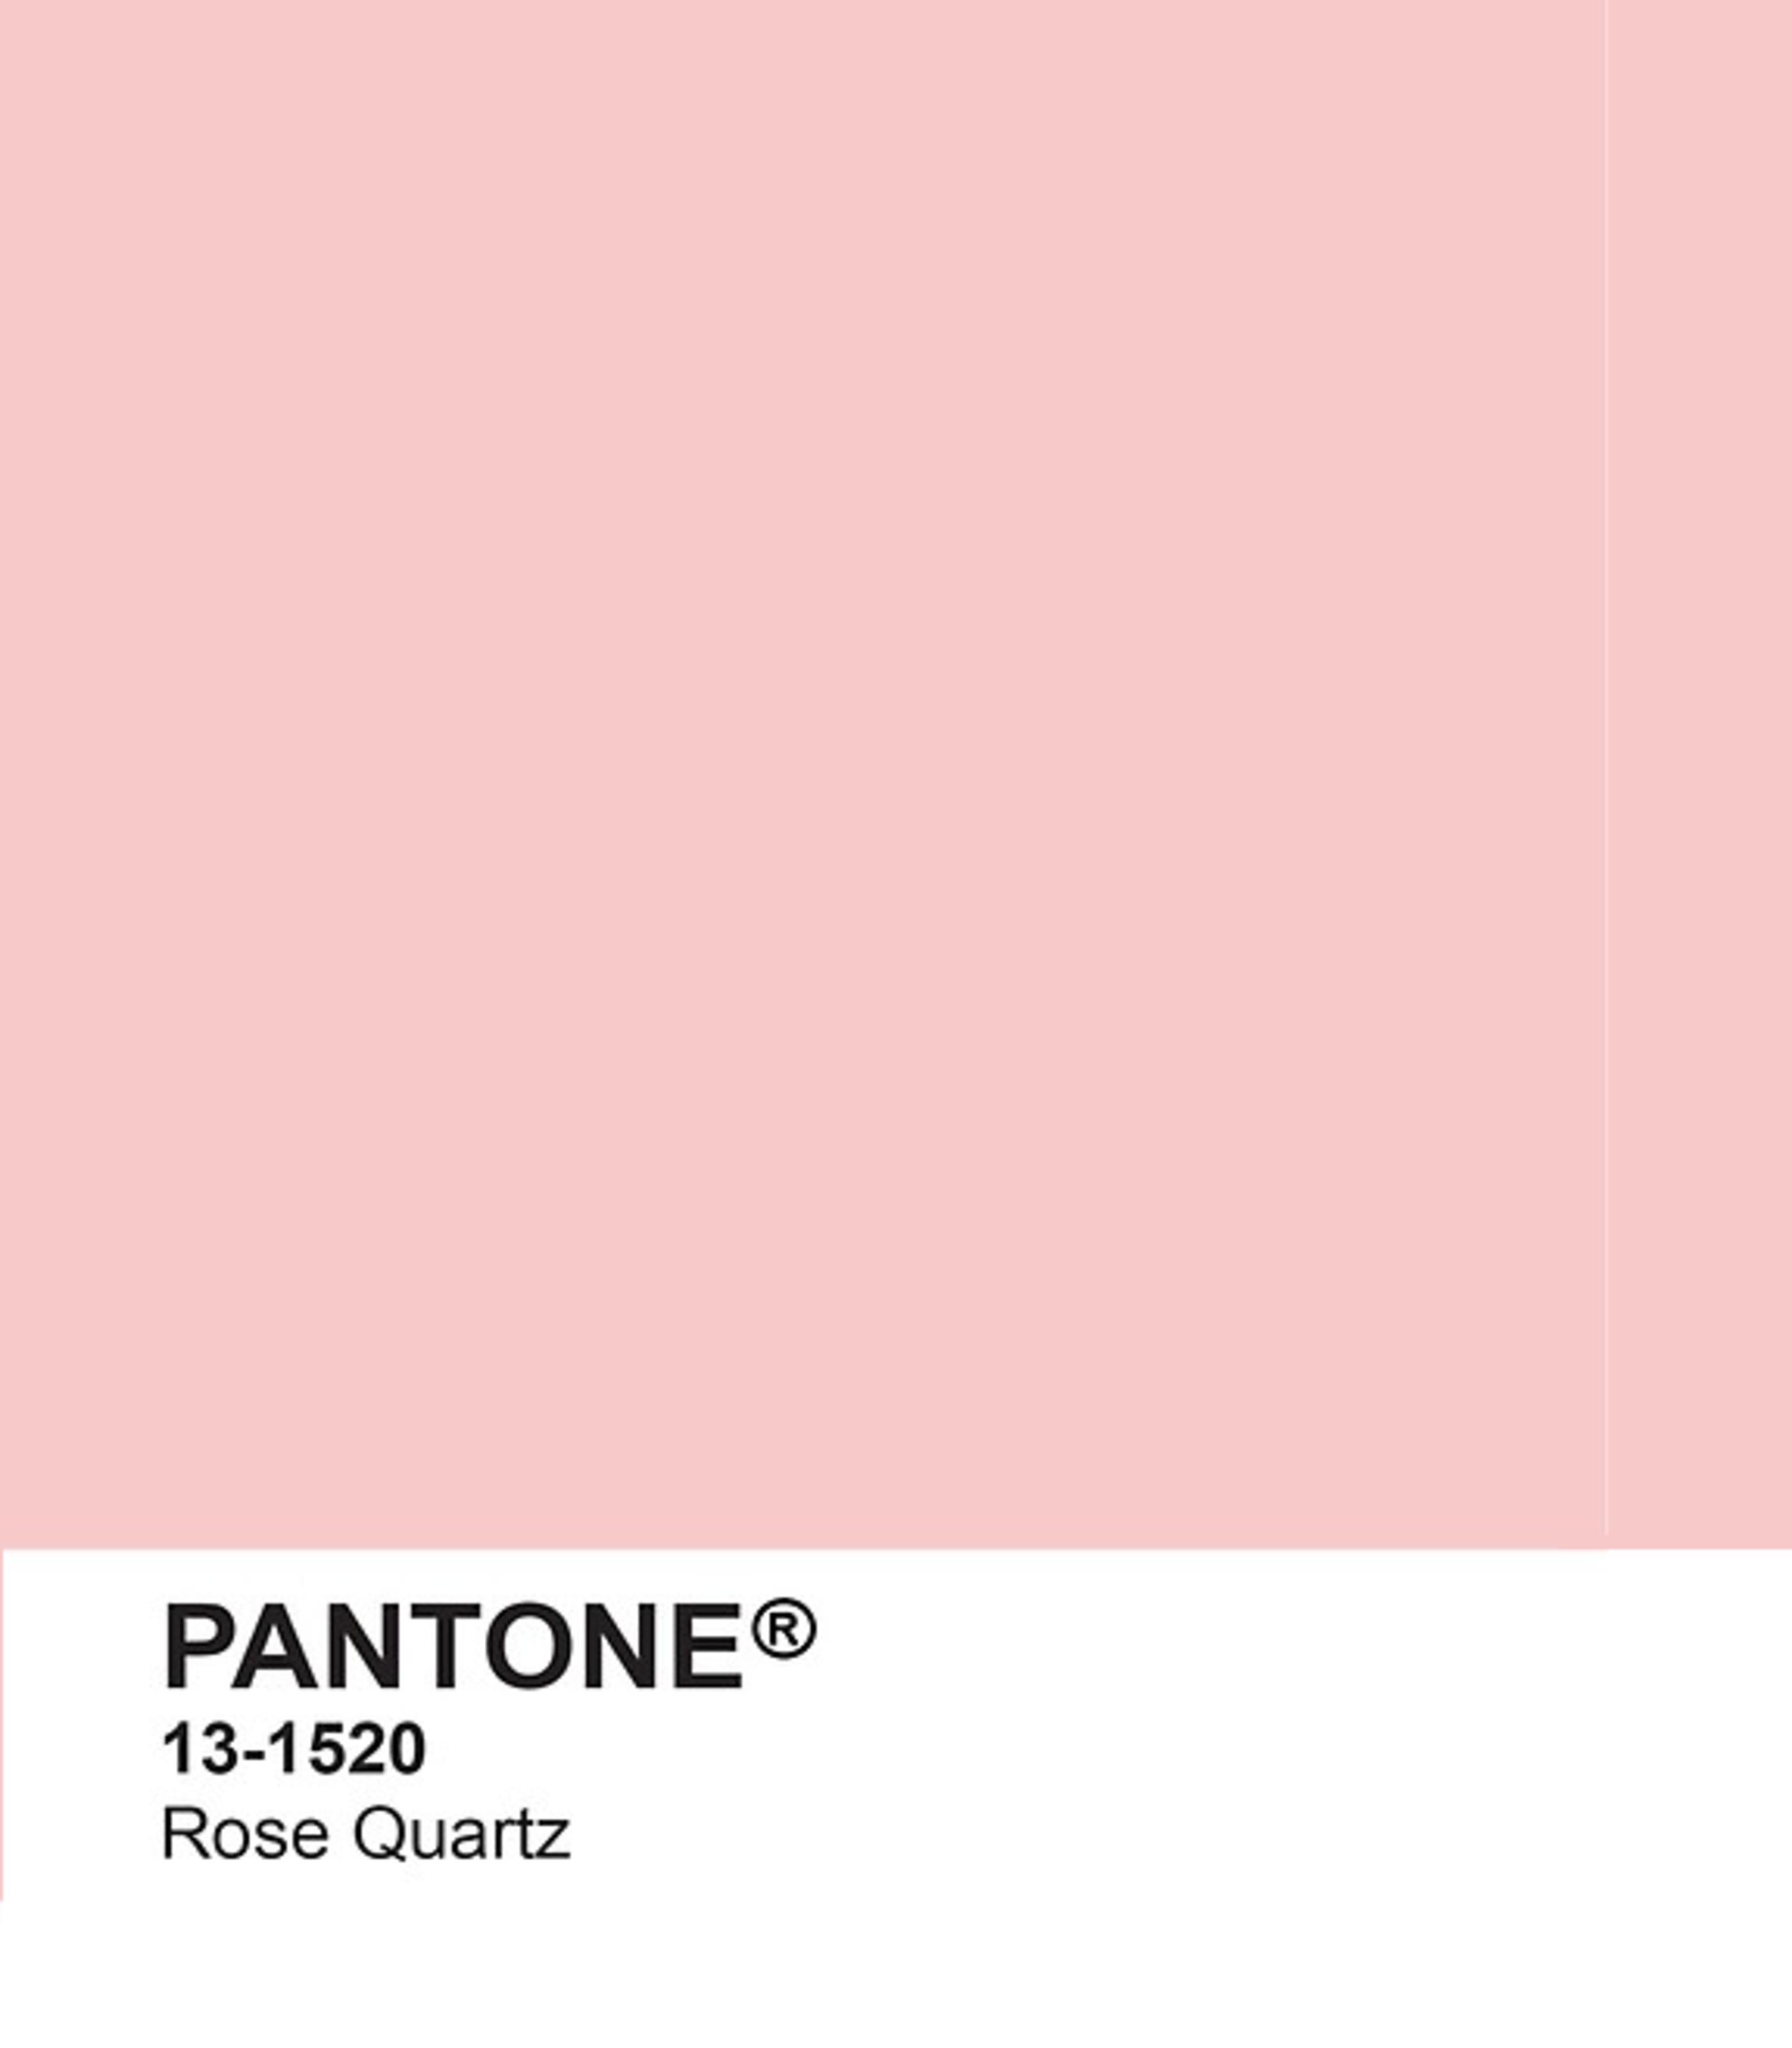 bảng màu của viện pantone màu hồng thạch anh rose quartz